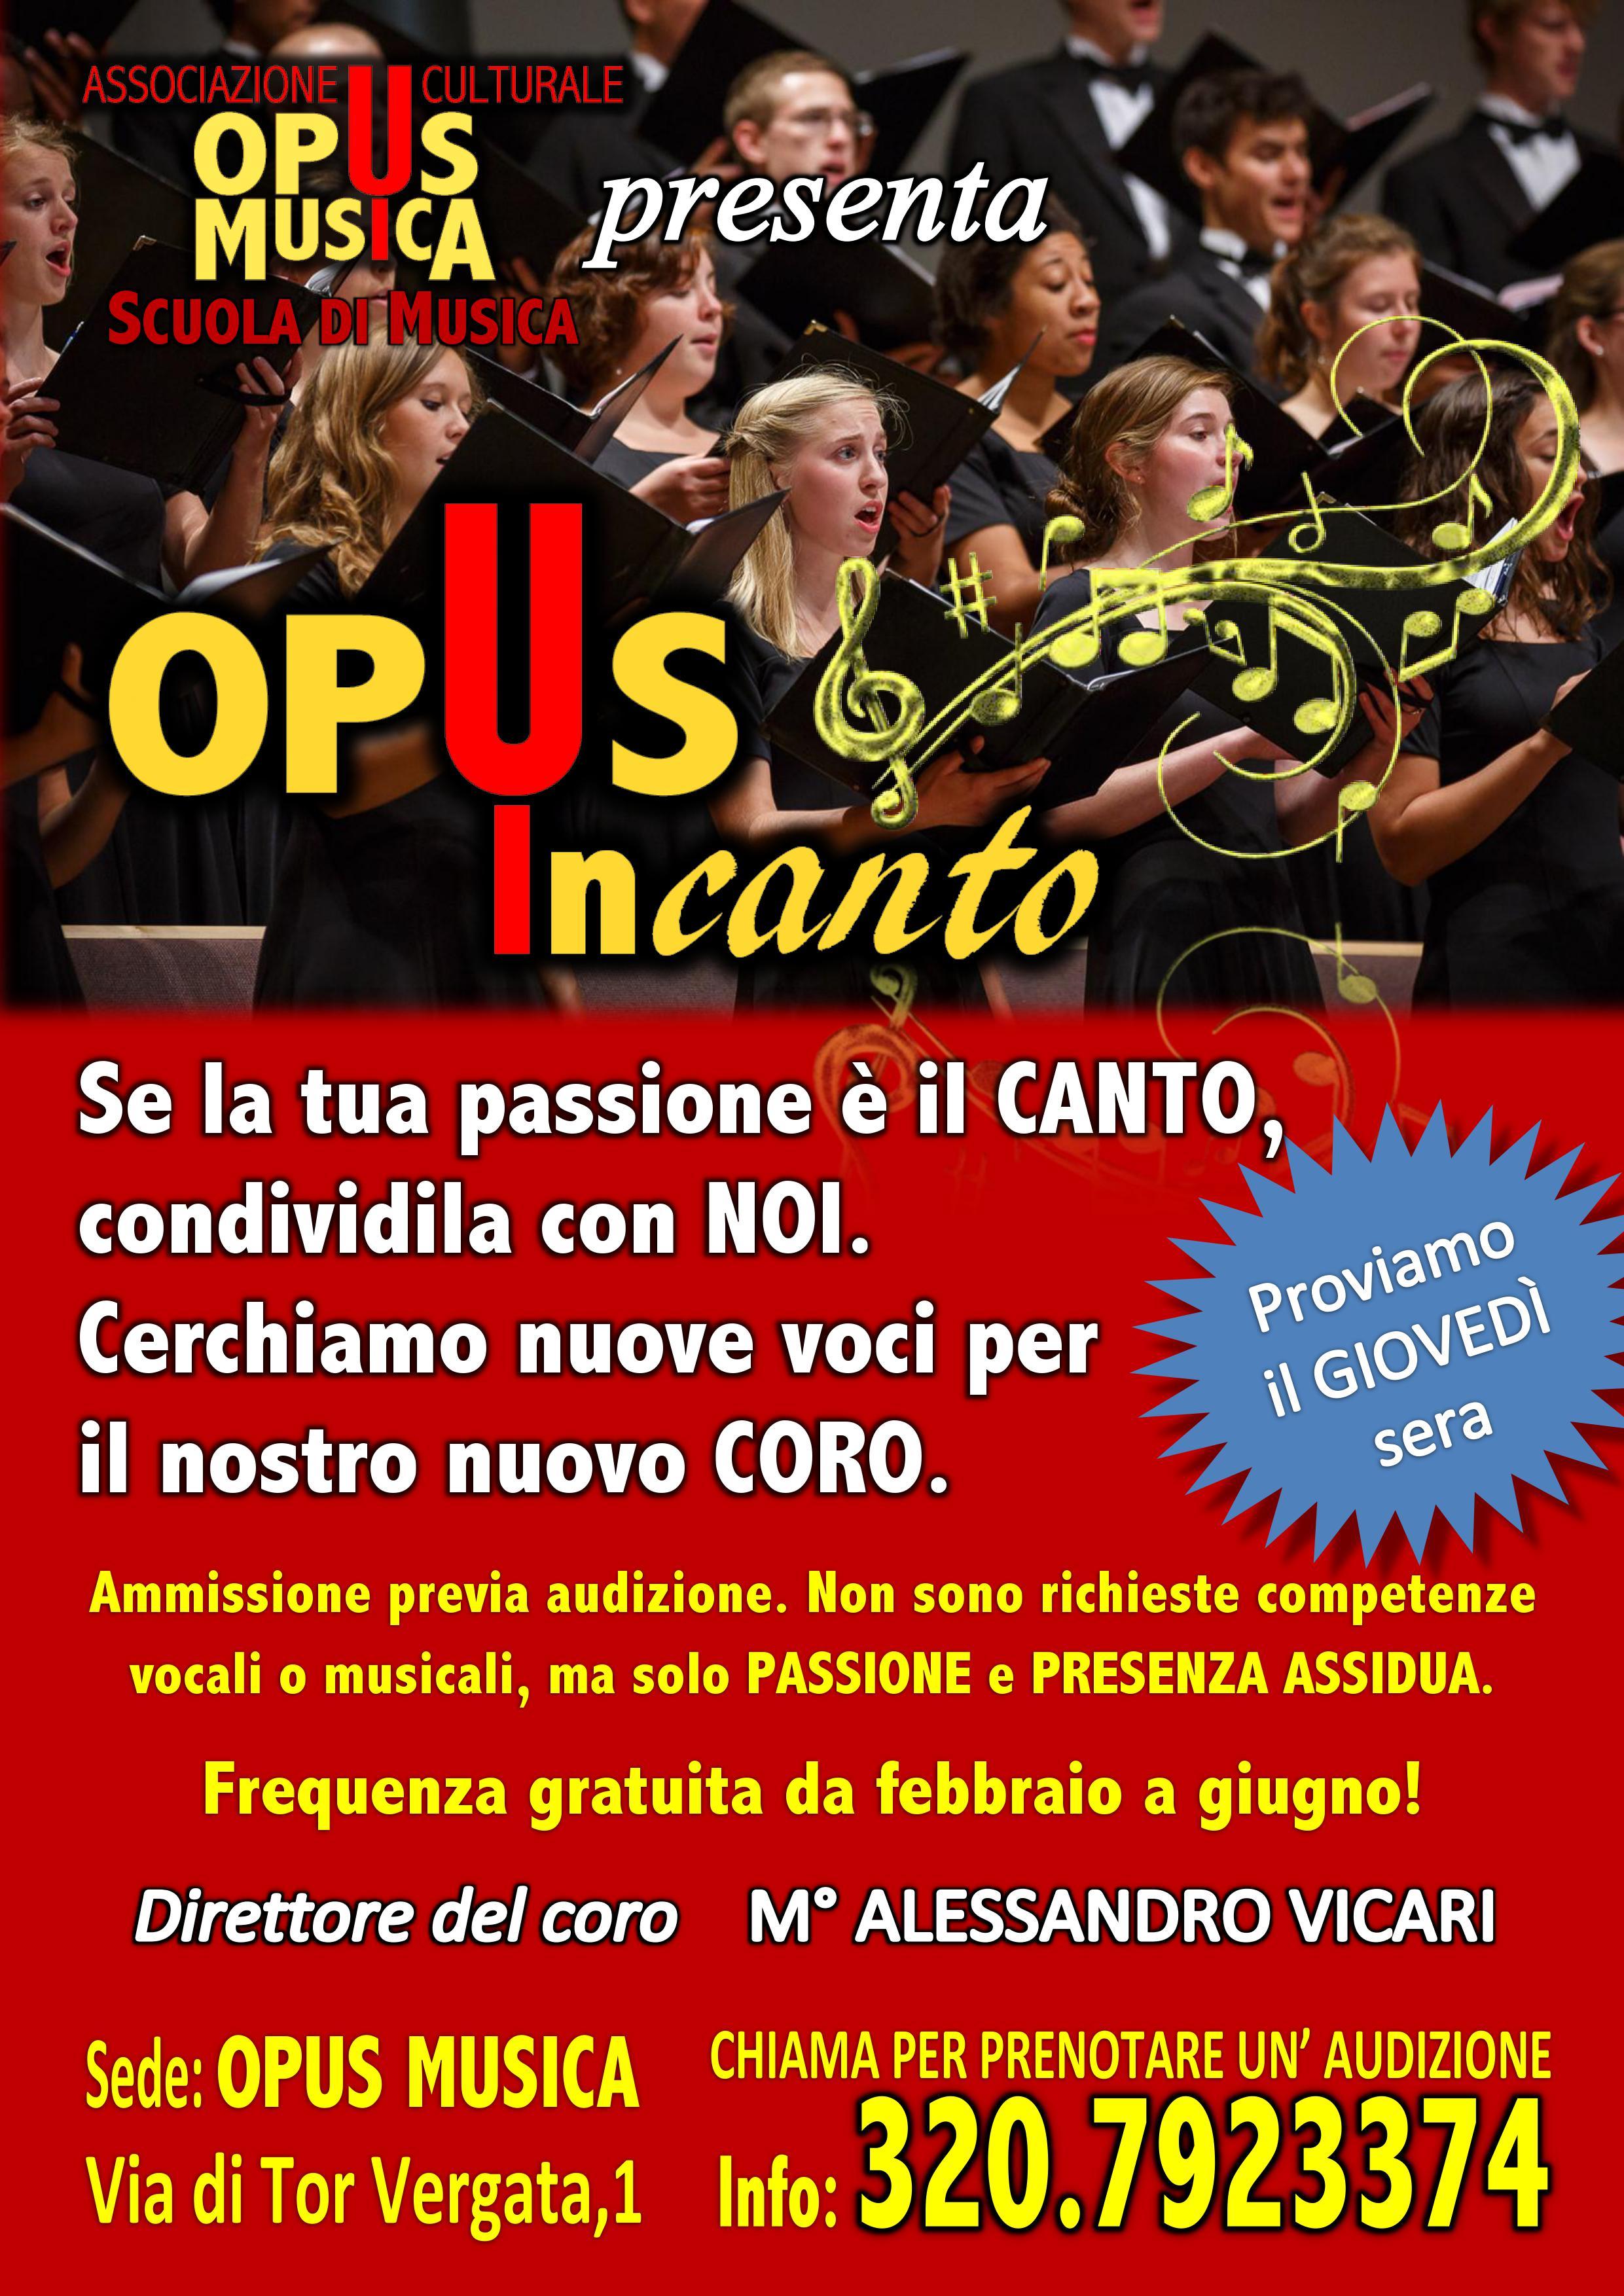 OPUS _musica